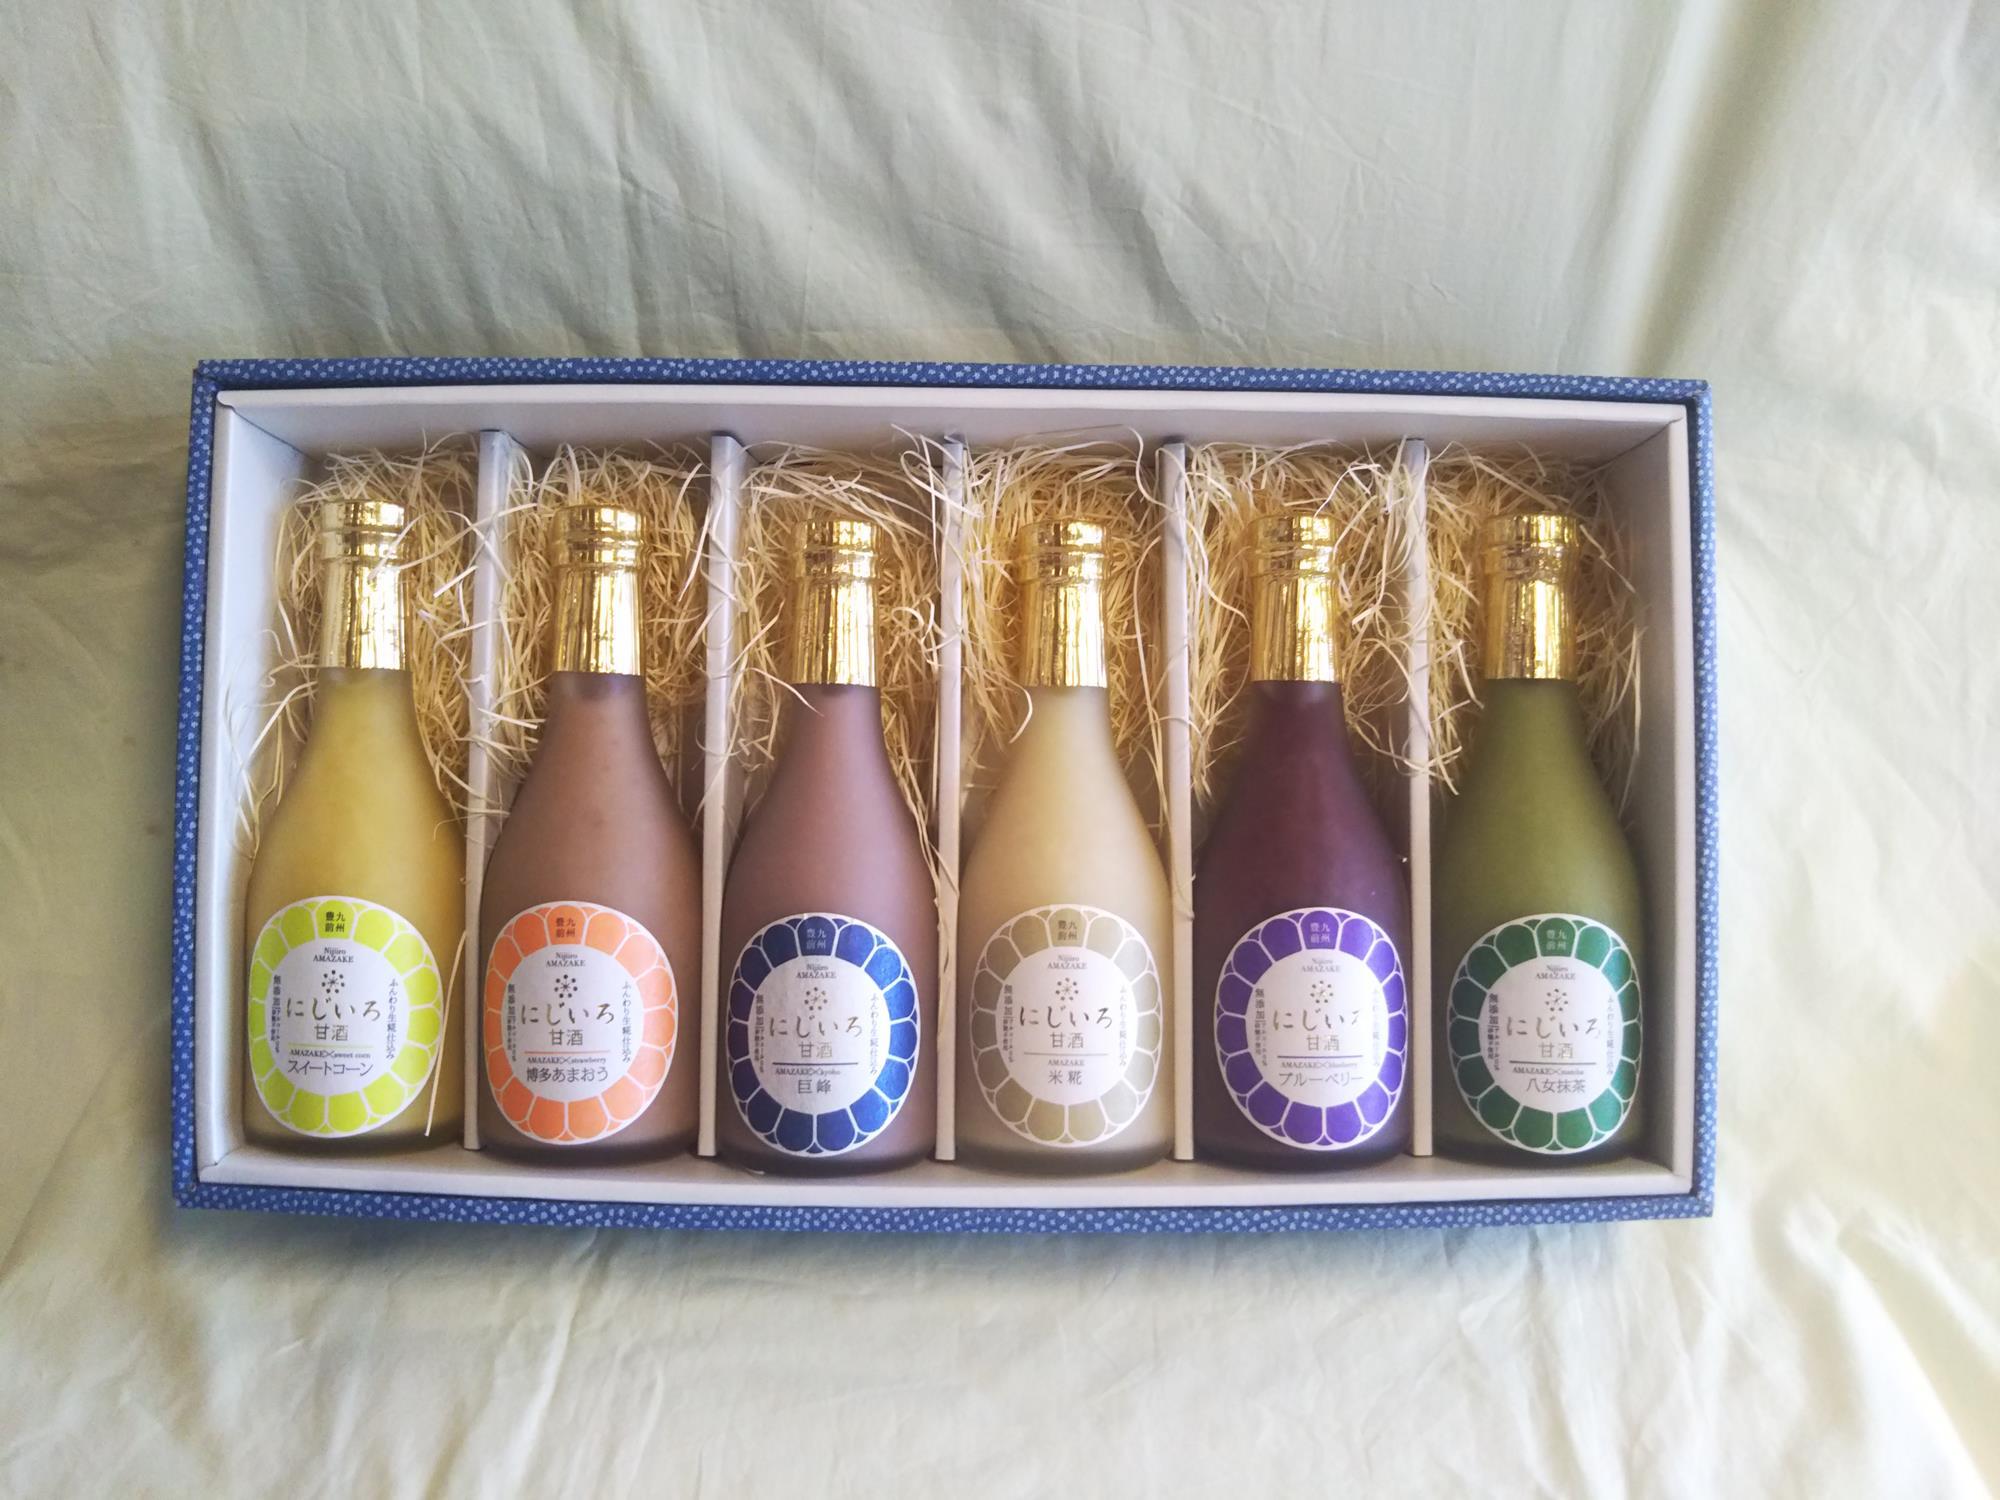 秋限定製造巨峰の甘酒も入ったカラフルな6色ギフト(巨峰・ブルーベリー・博多あまおう・米糀・スイートコーン・八女抹茶)